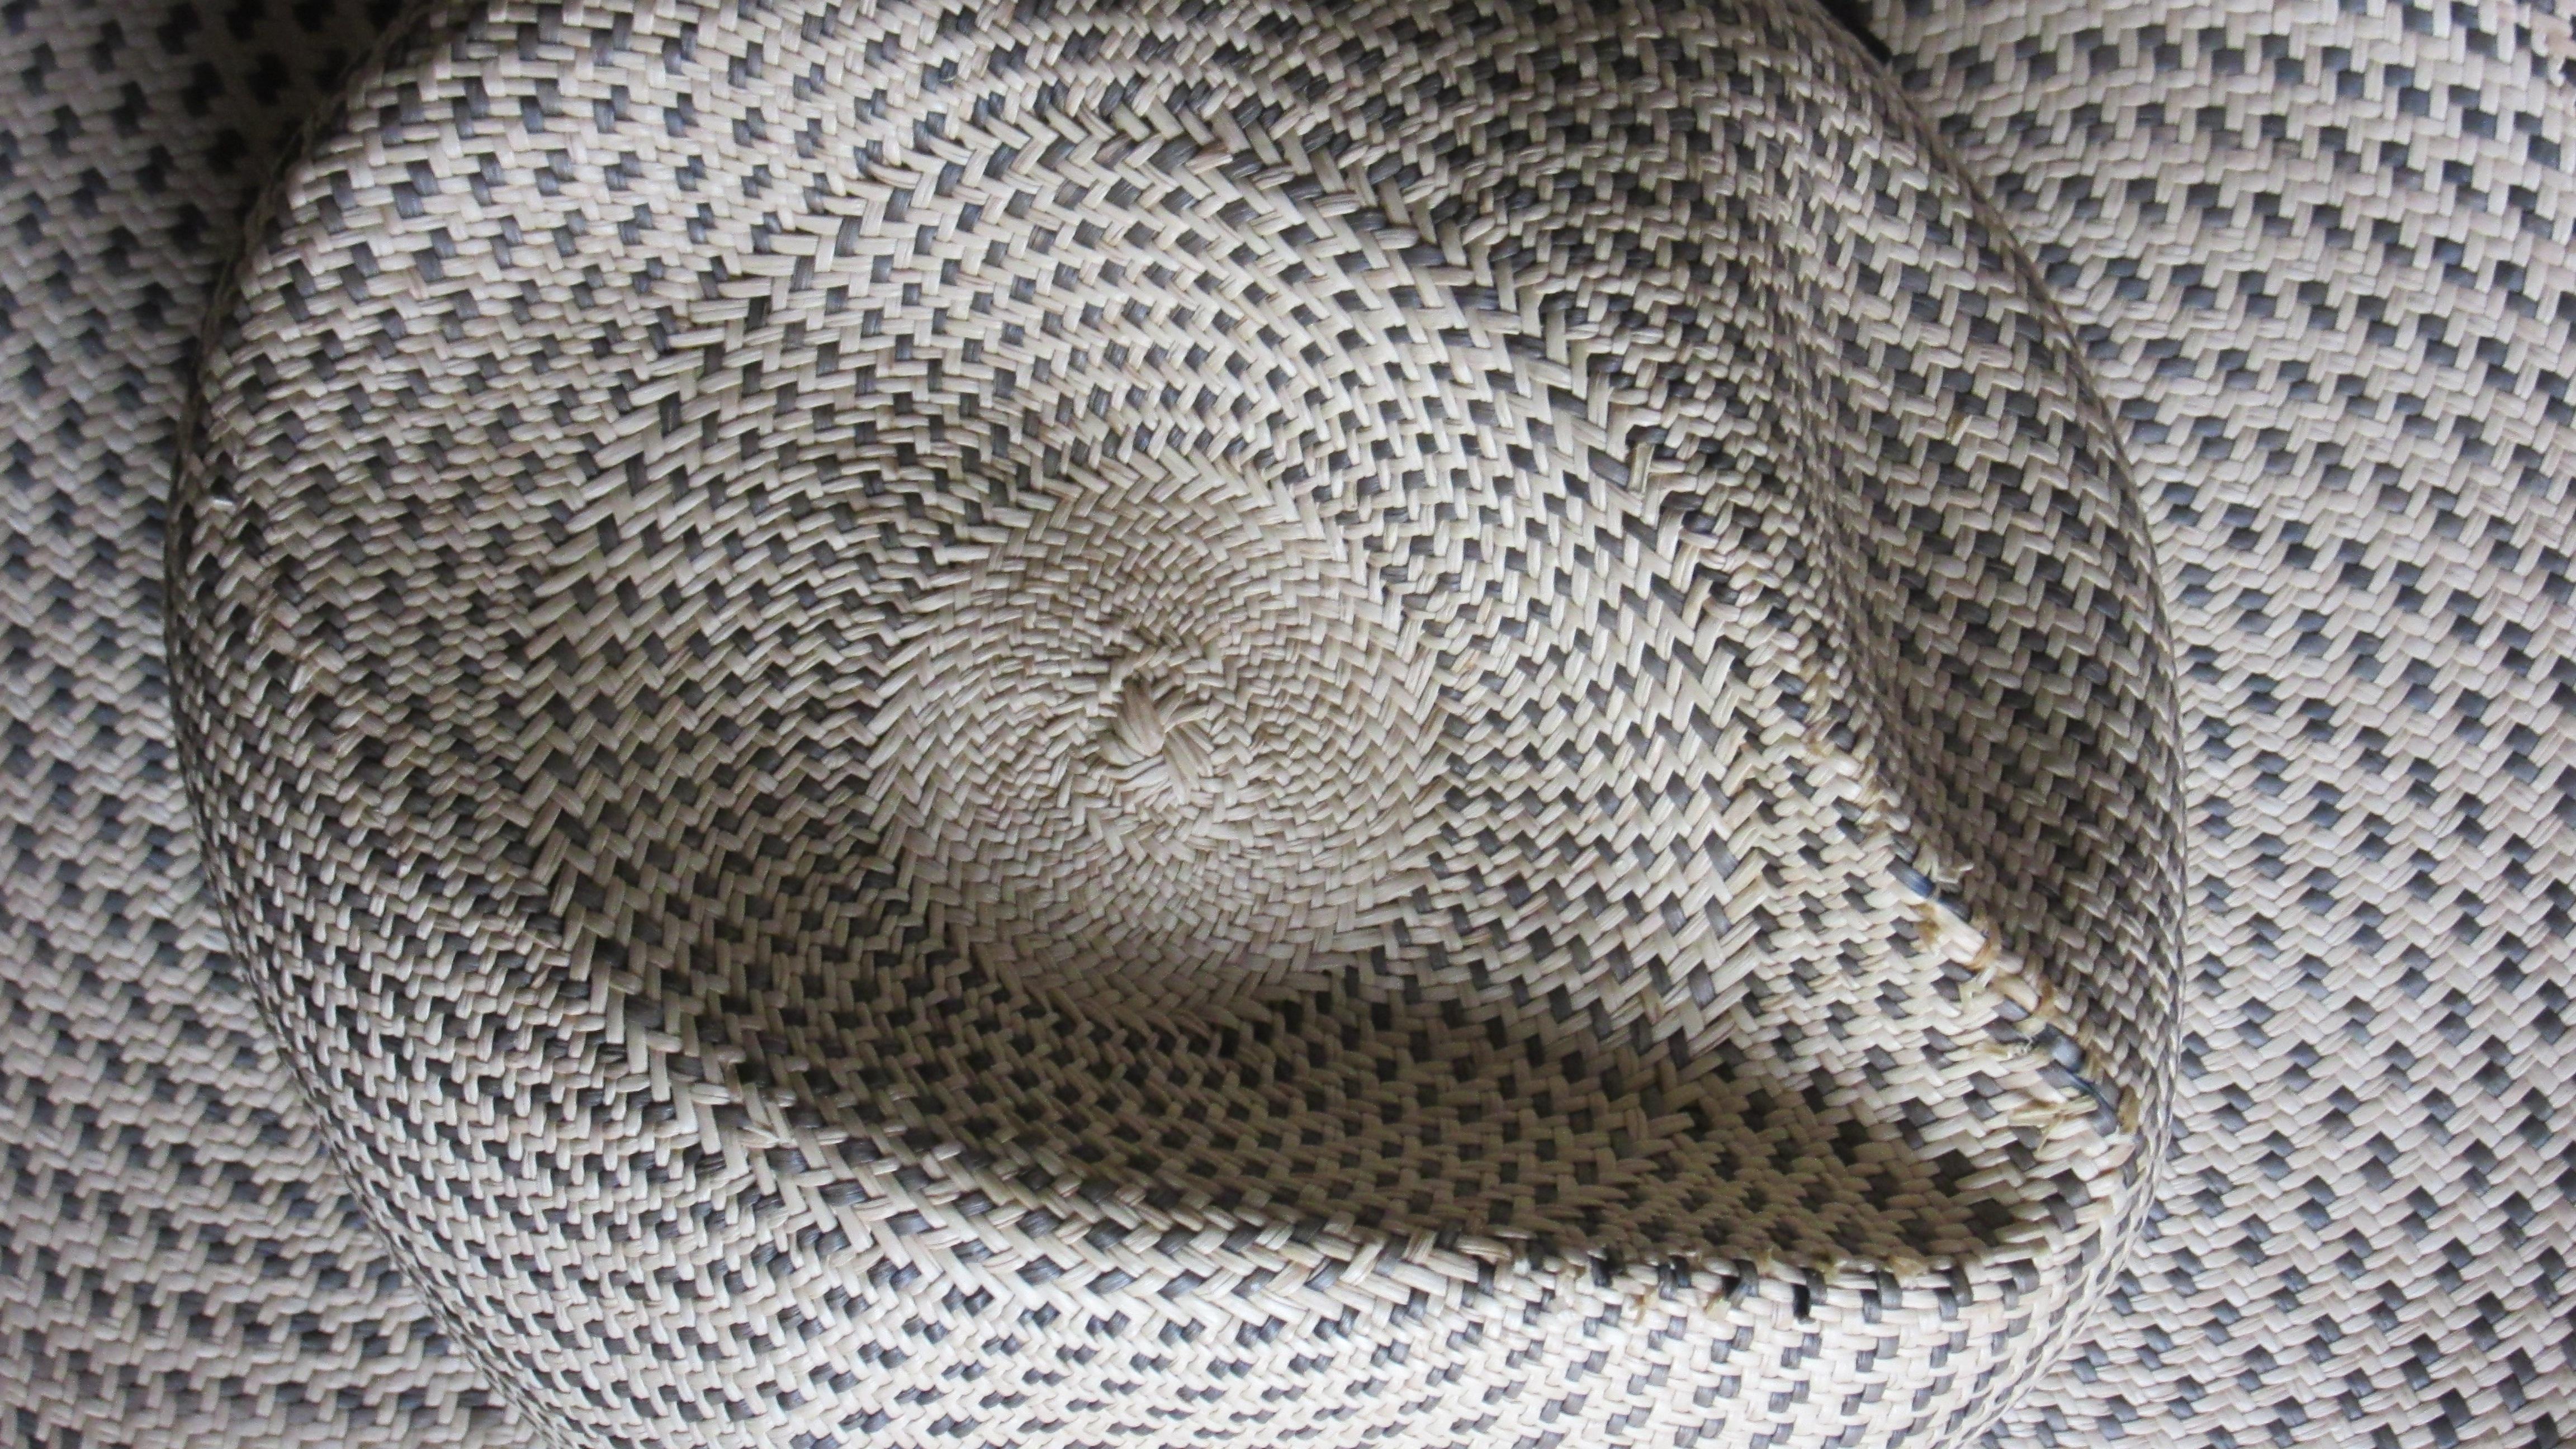 Fotos gratis : patrón, lana, material, sombrero de copa, trenza ...